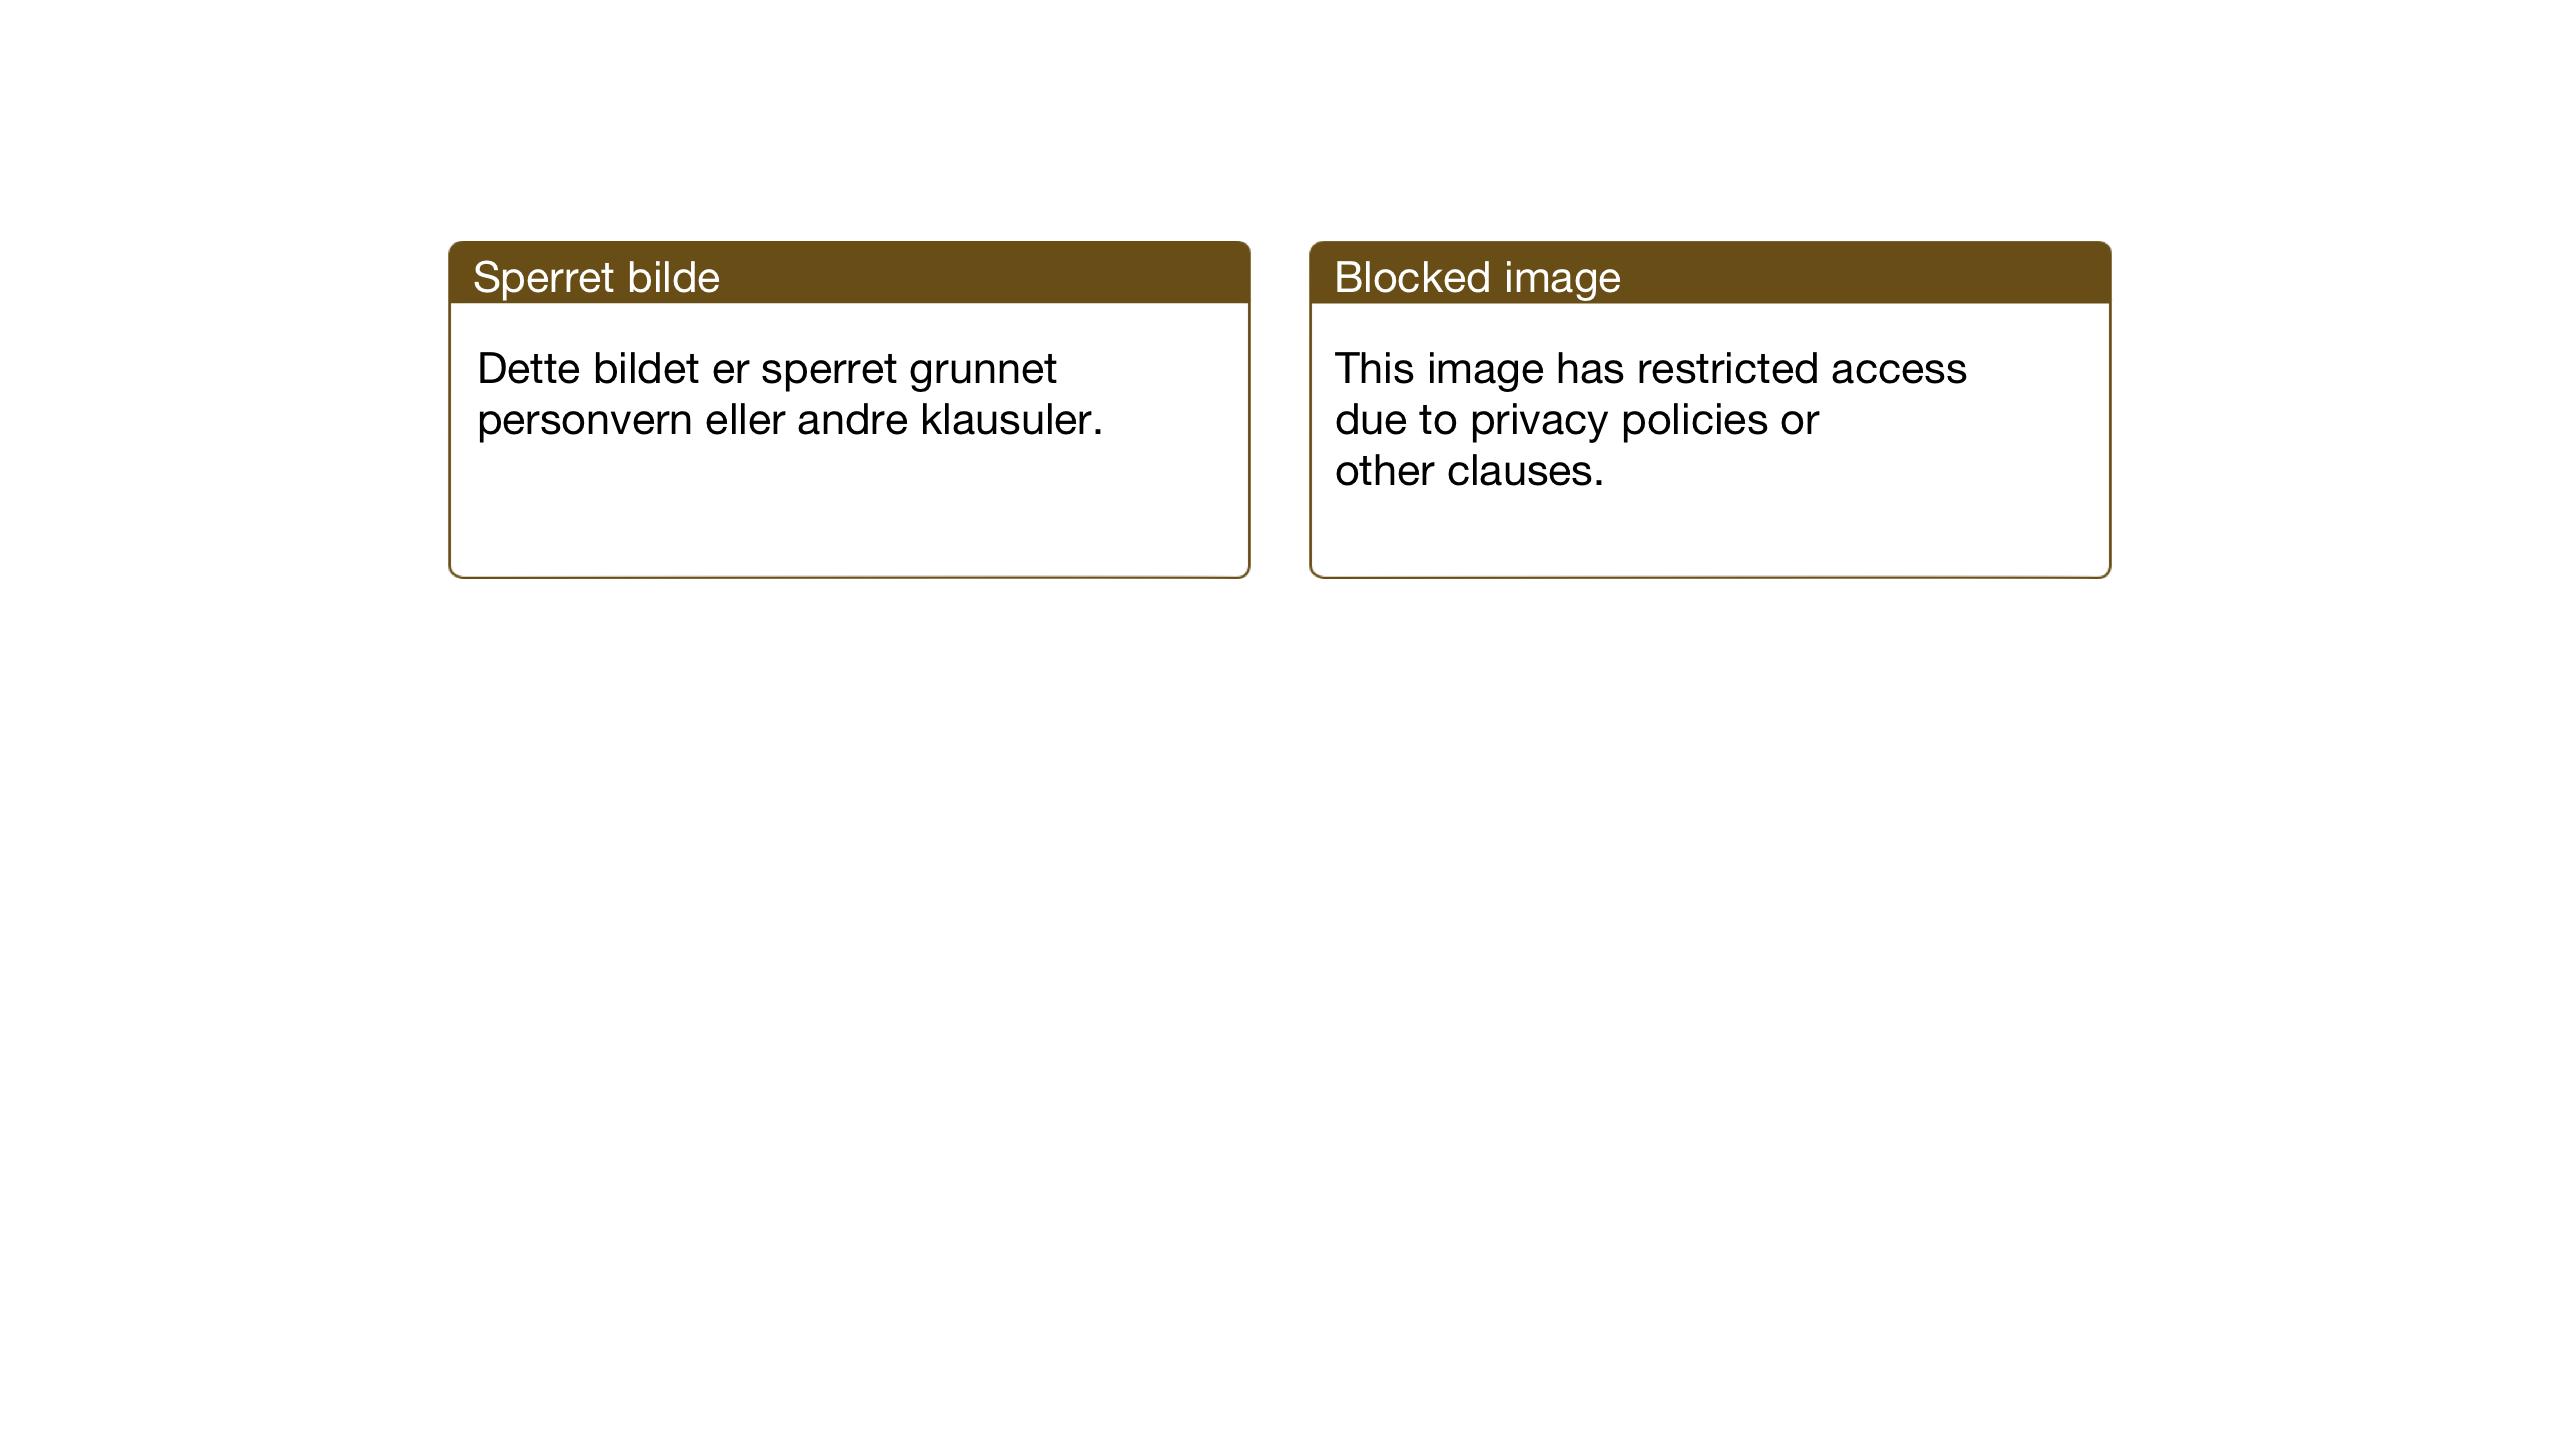 SAT, Ministerialprotokoller, klokkerbøker og fødselsregistre - Nord-Trøndelag, 739/L0377: Klokkerbok nr. 739C05, 1940-1947, s. 34